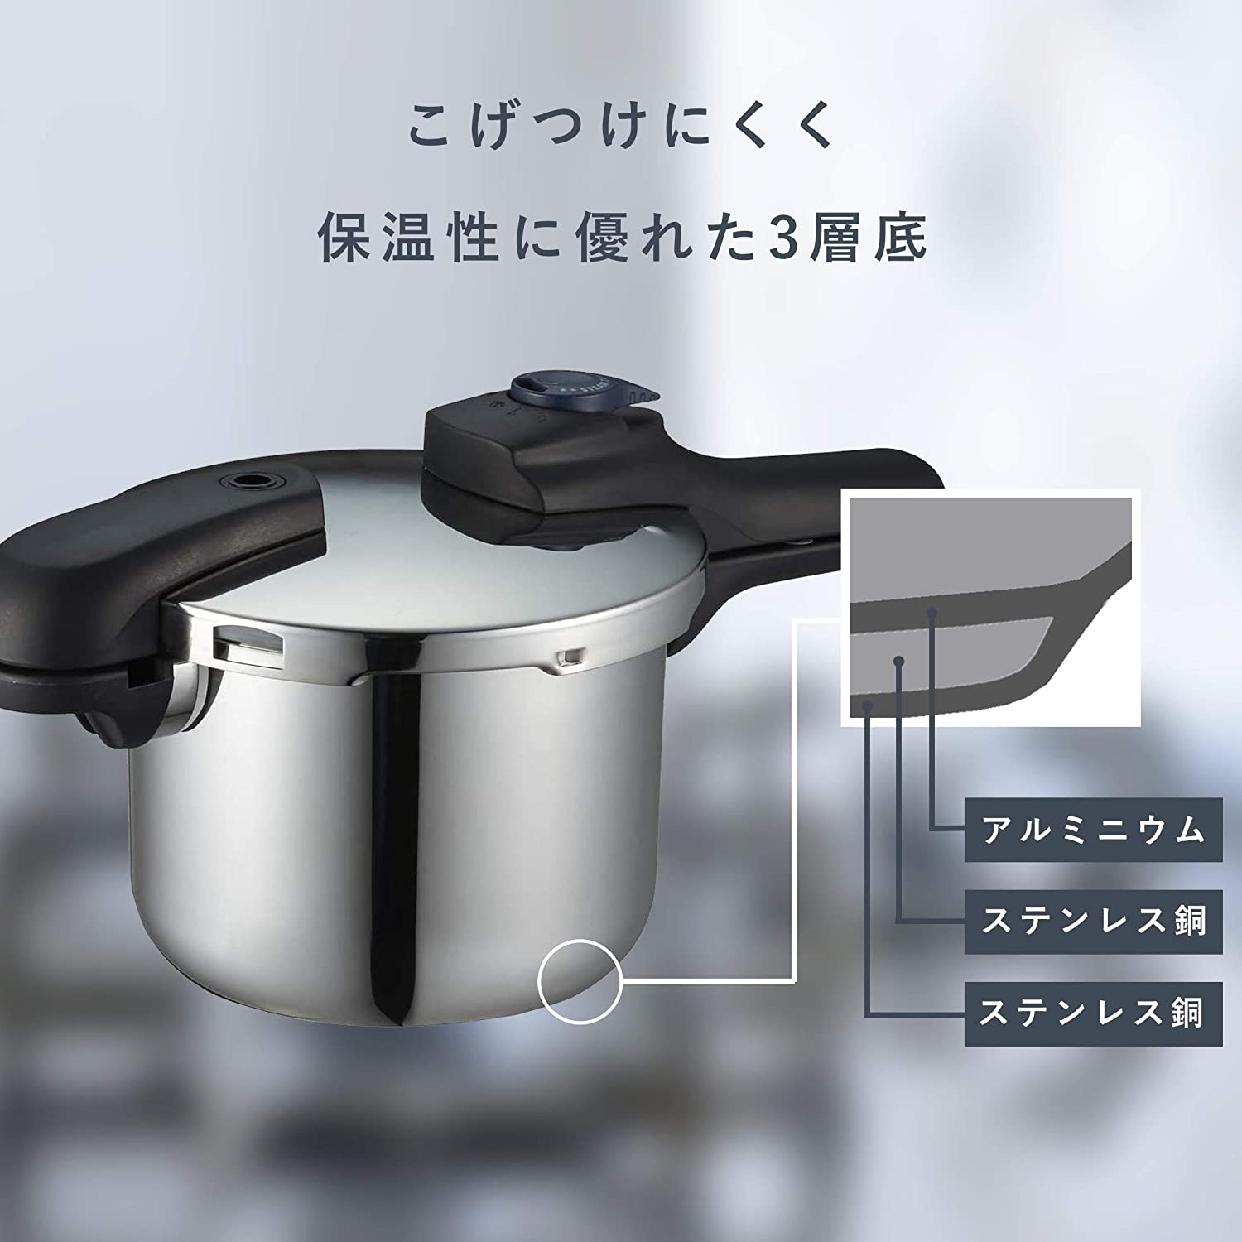 パール金属(PEARL) クイックエコ 3層底切り替え式圧力鍋 H-5040の商品画像5